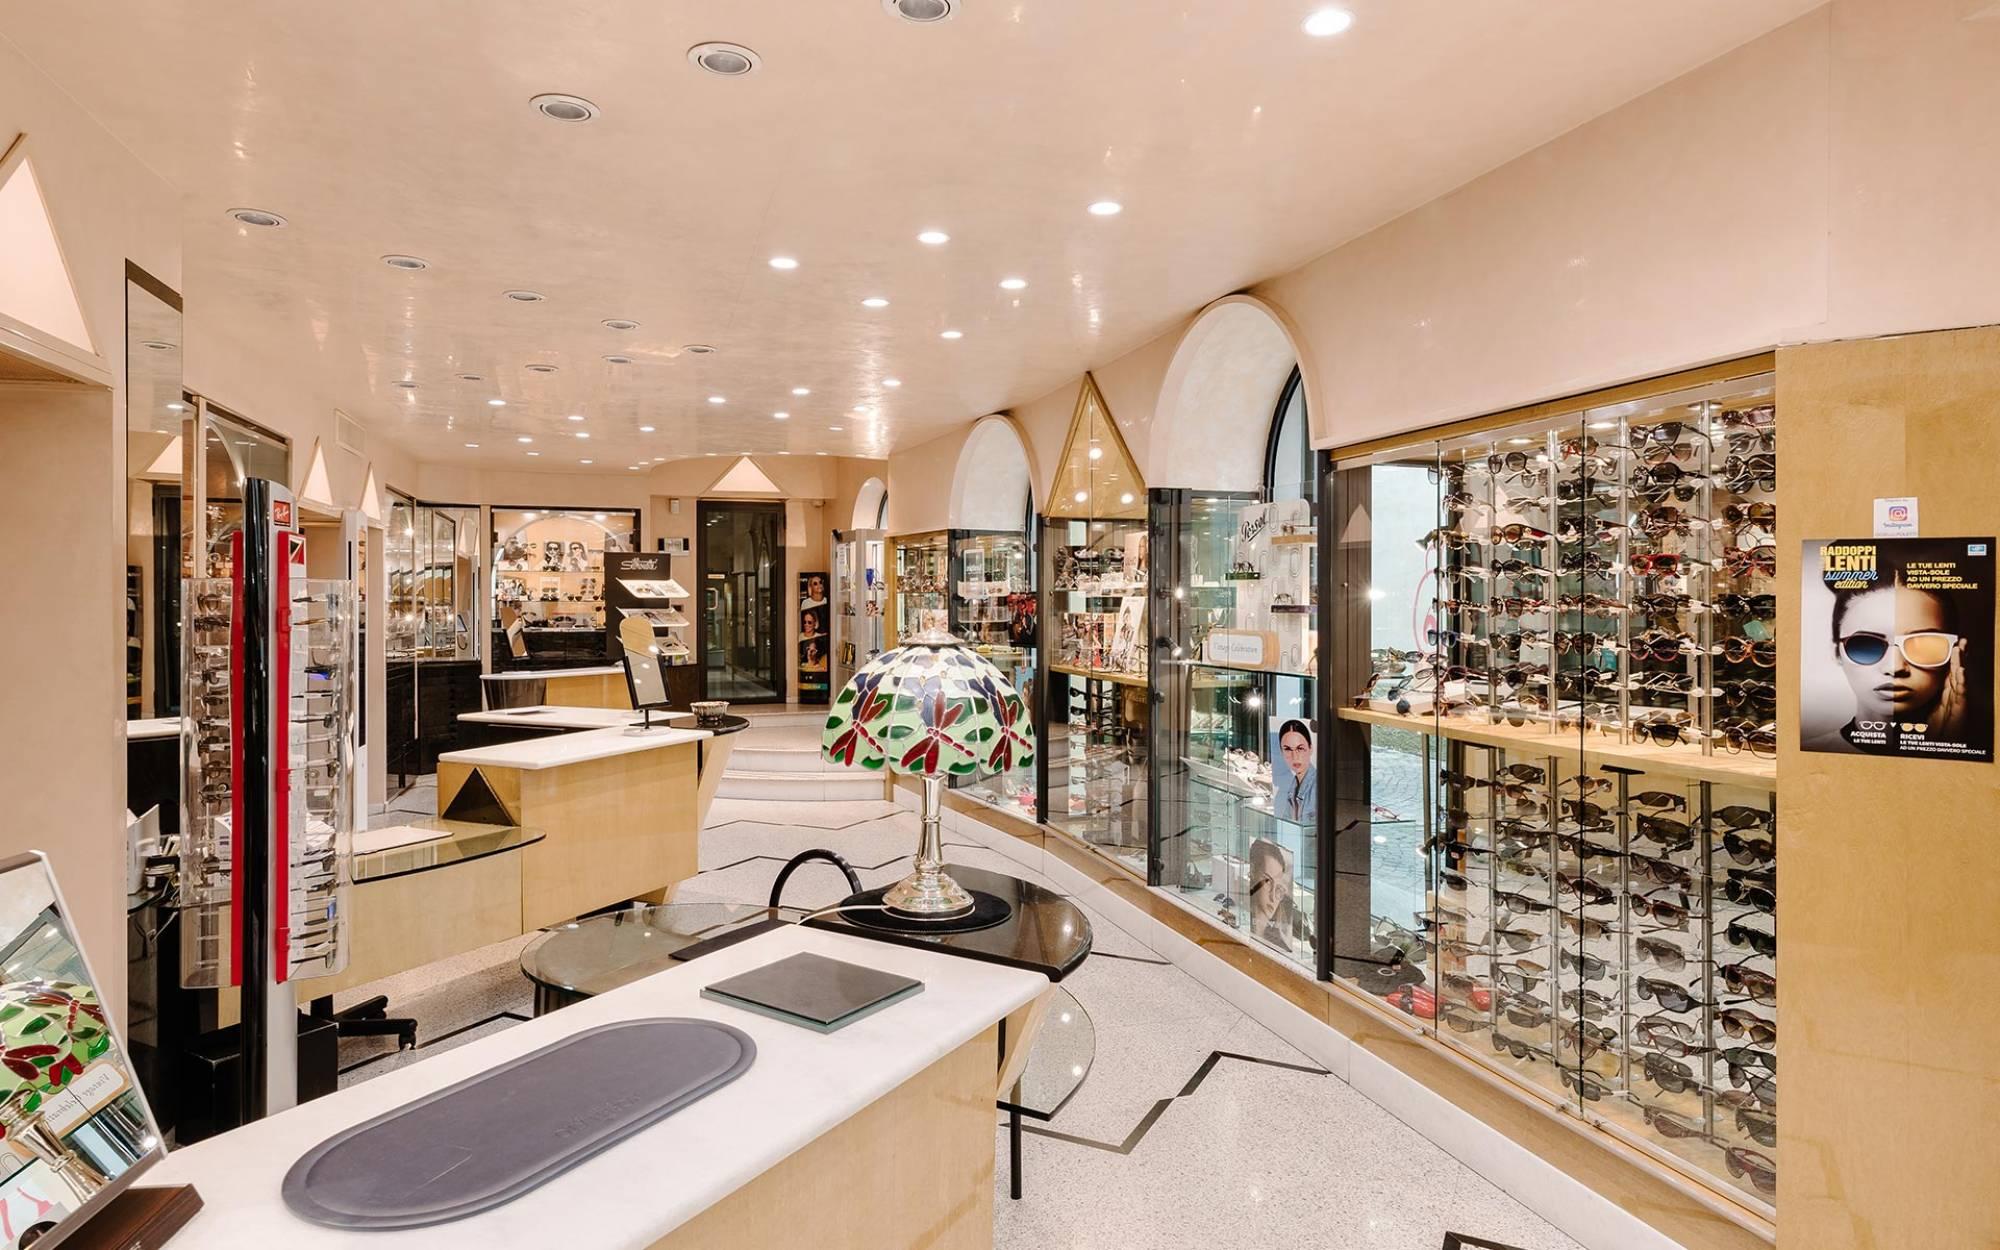 occhiali vimercate gioielleria poletti